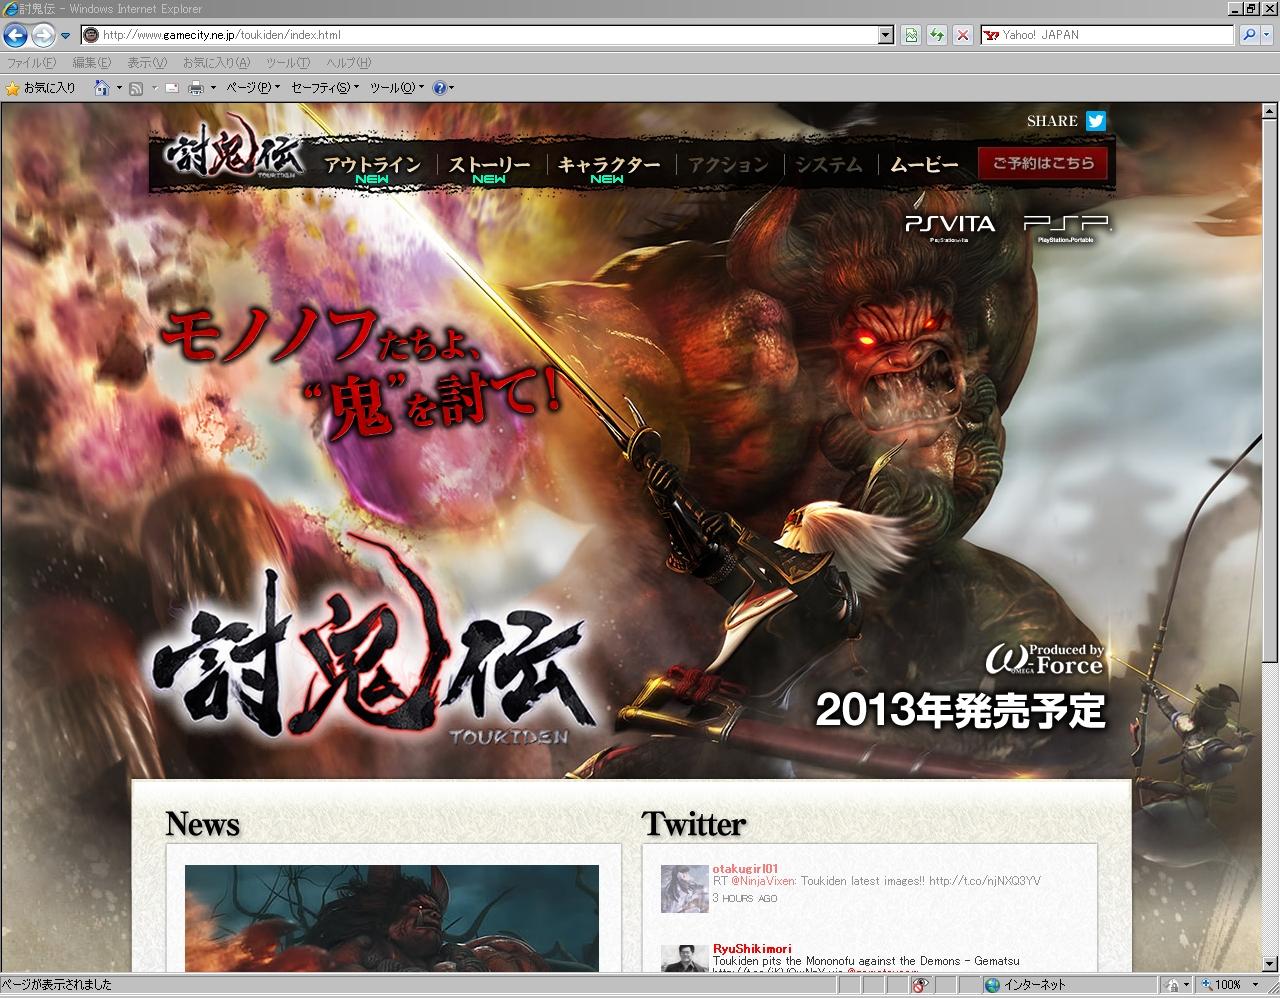 鬼を討て!『討鬼伝』公式サイトがオープン